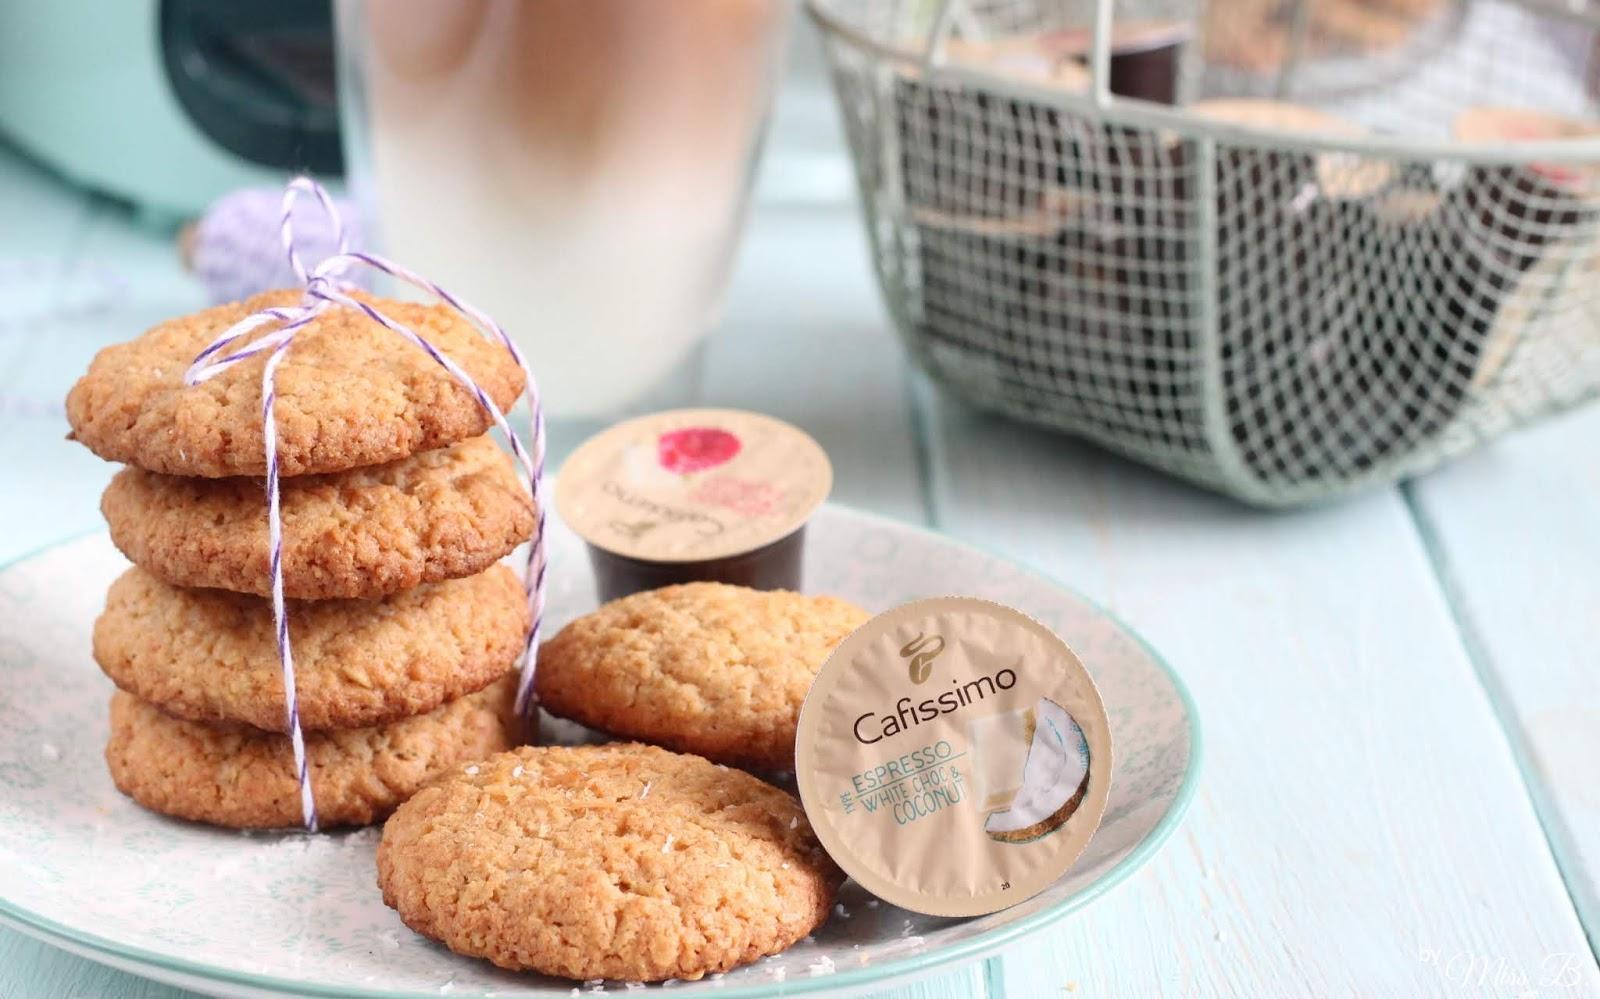 Anzeige: Hafer-Kokos-Cookies zum Iced Coco Latte [Tchibo Cafissimo ...